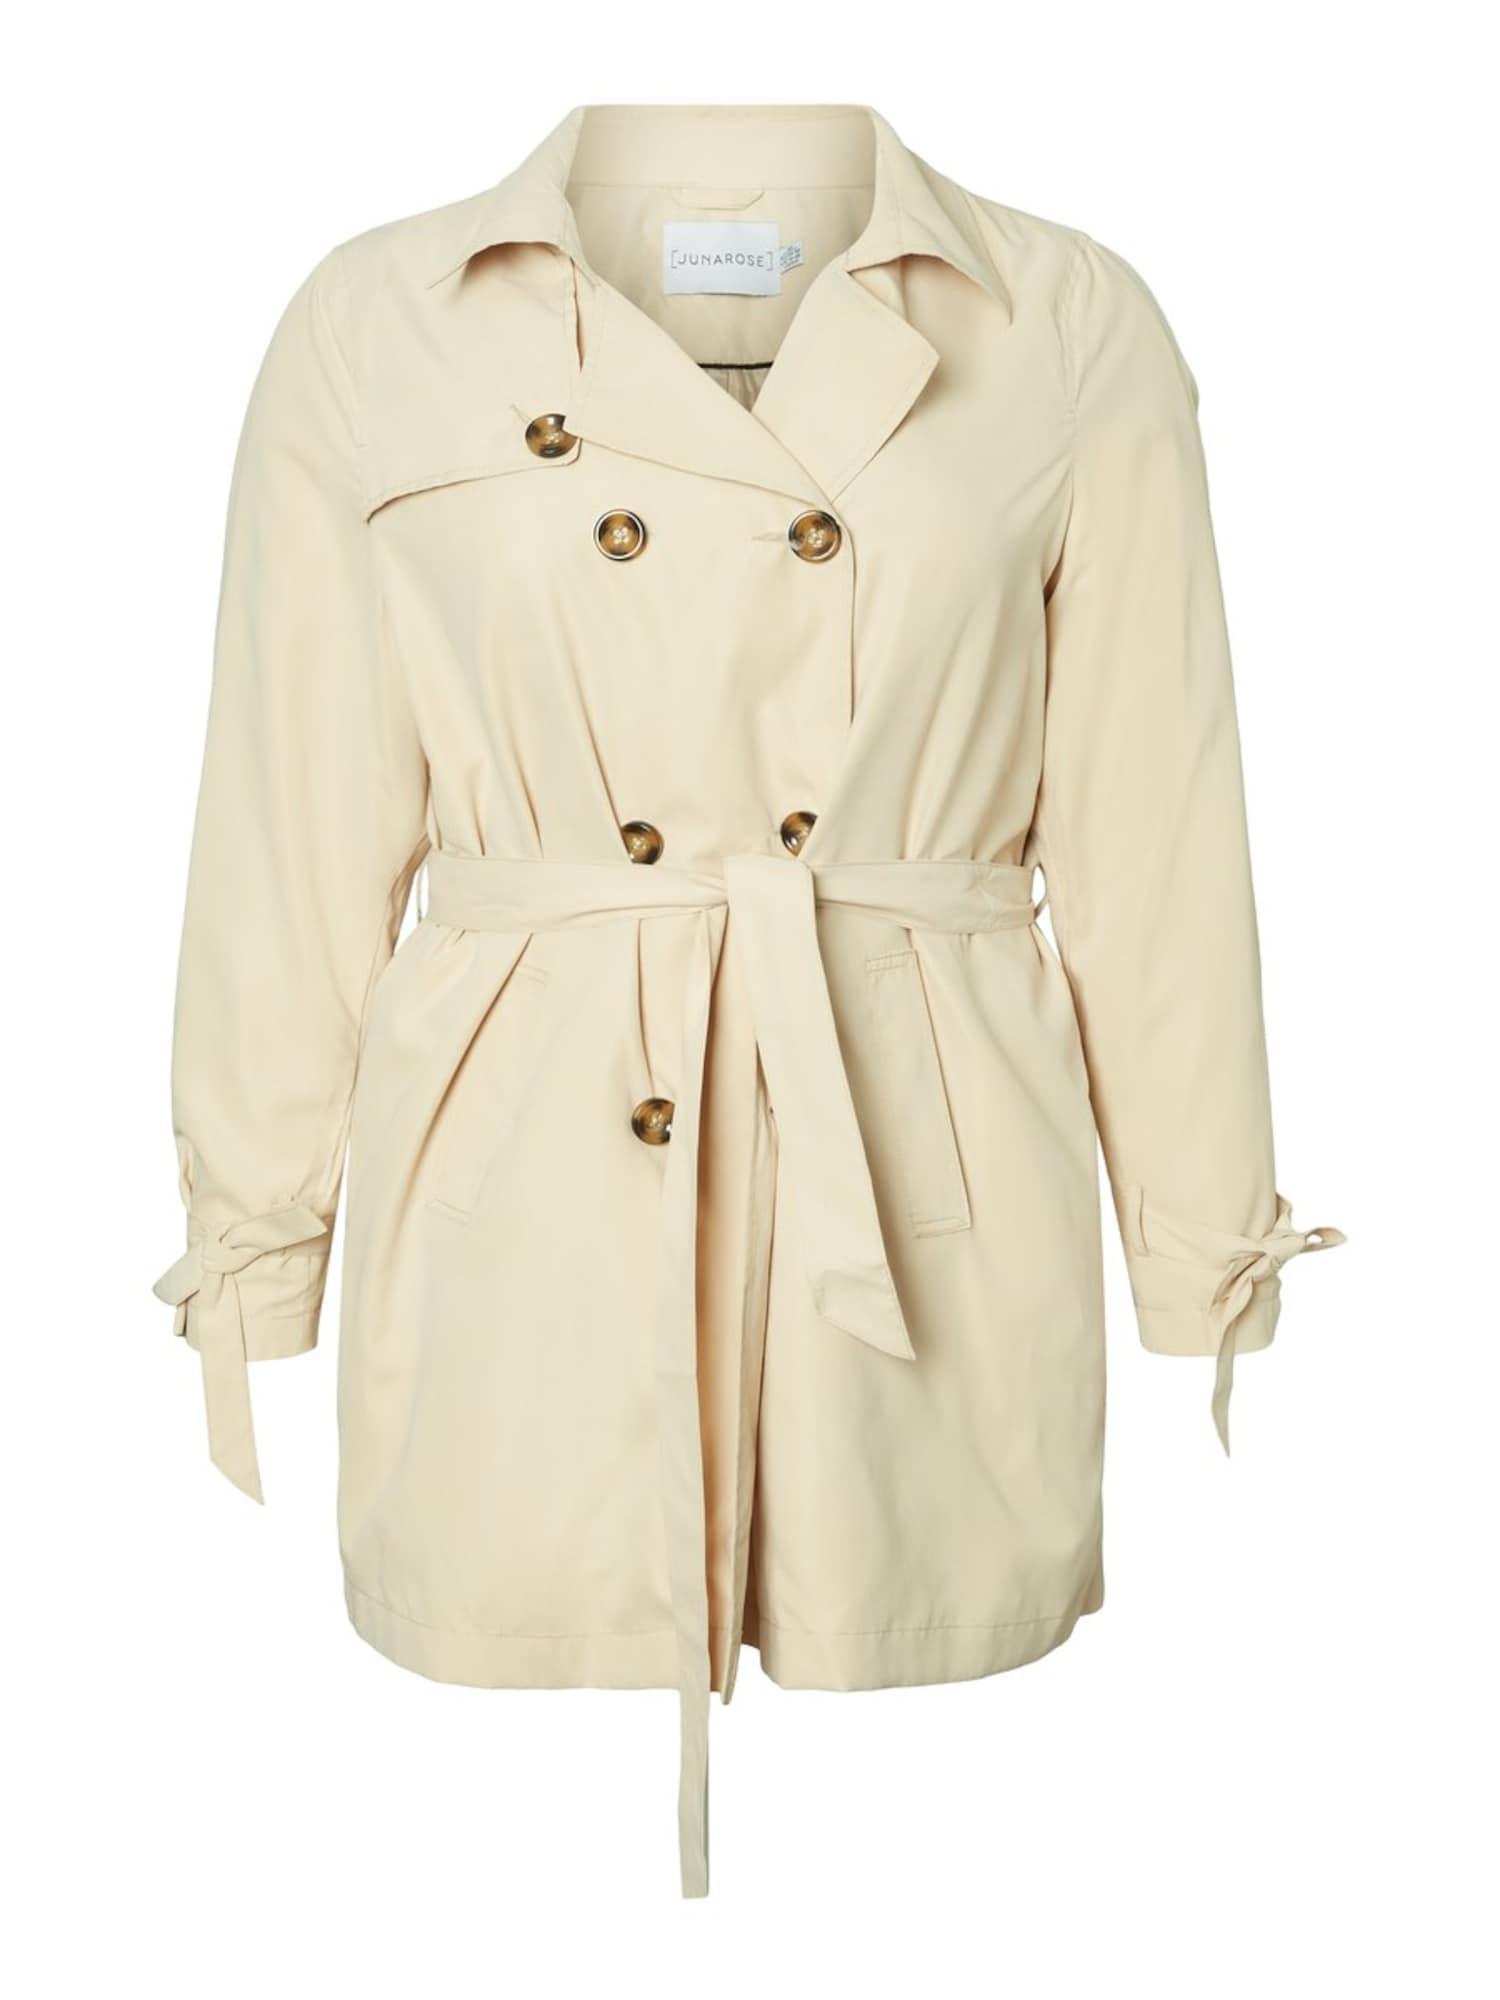 Junarose Rudeninis-žieminis paltas kremo